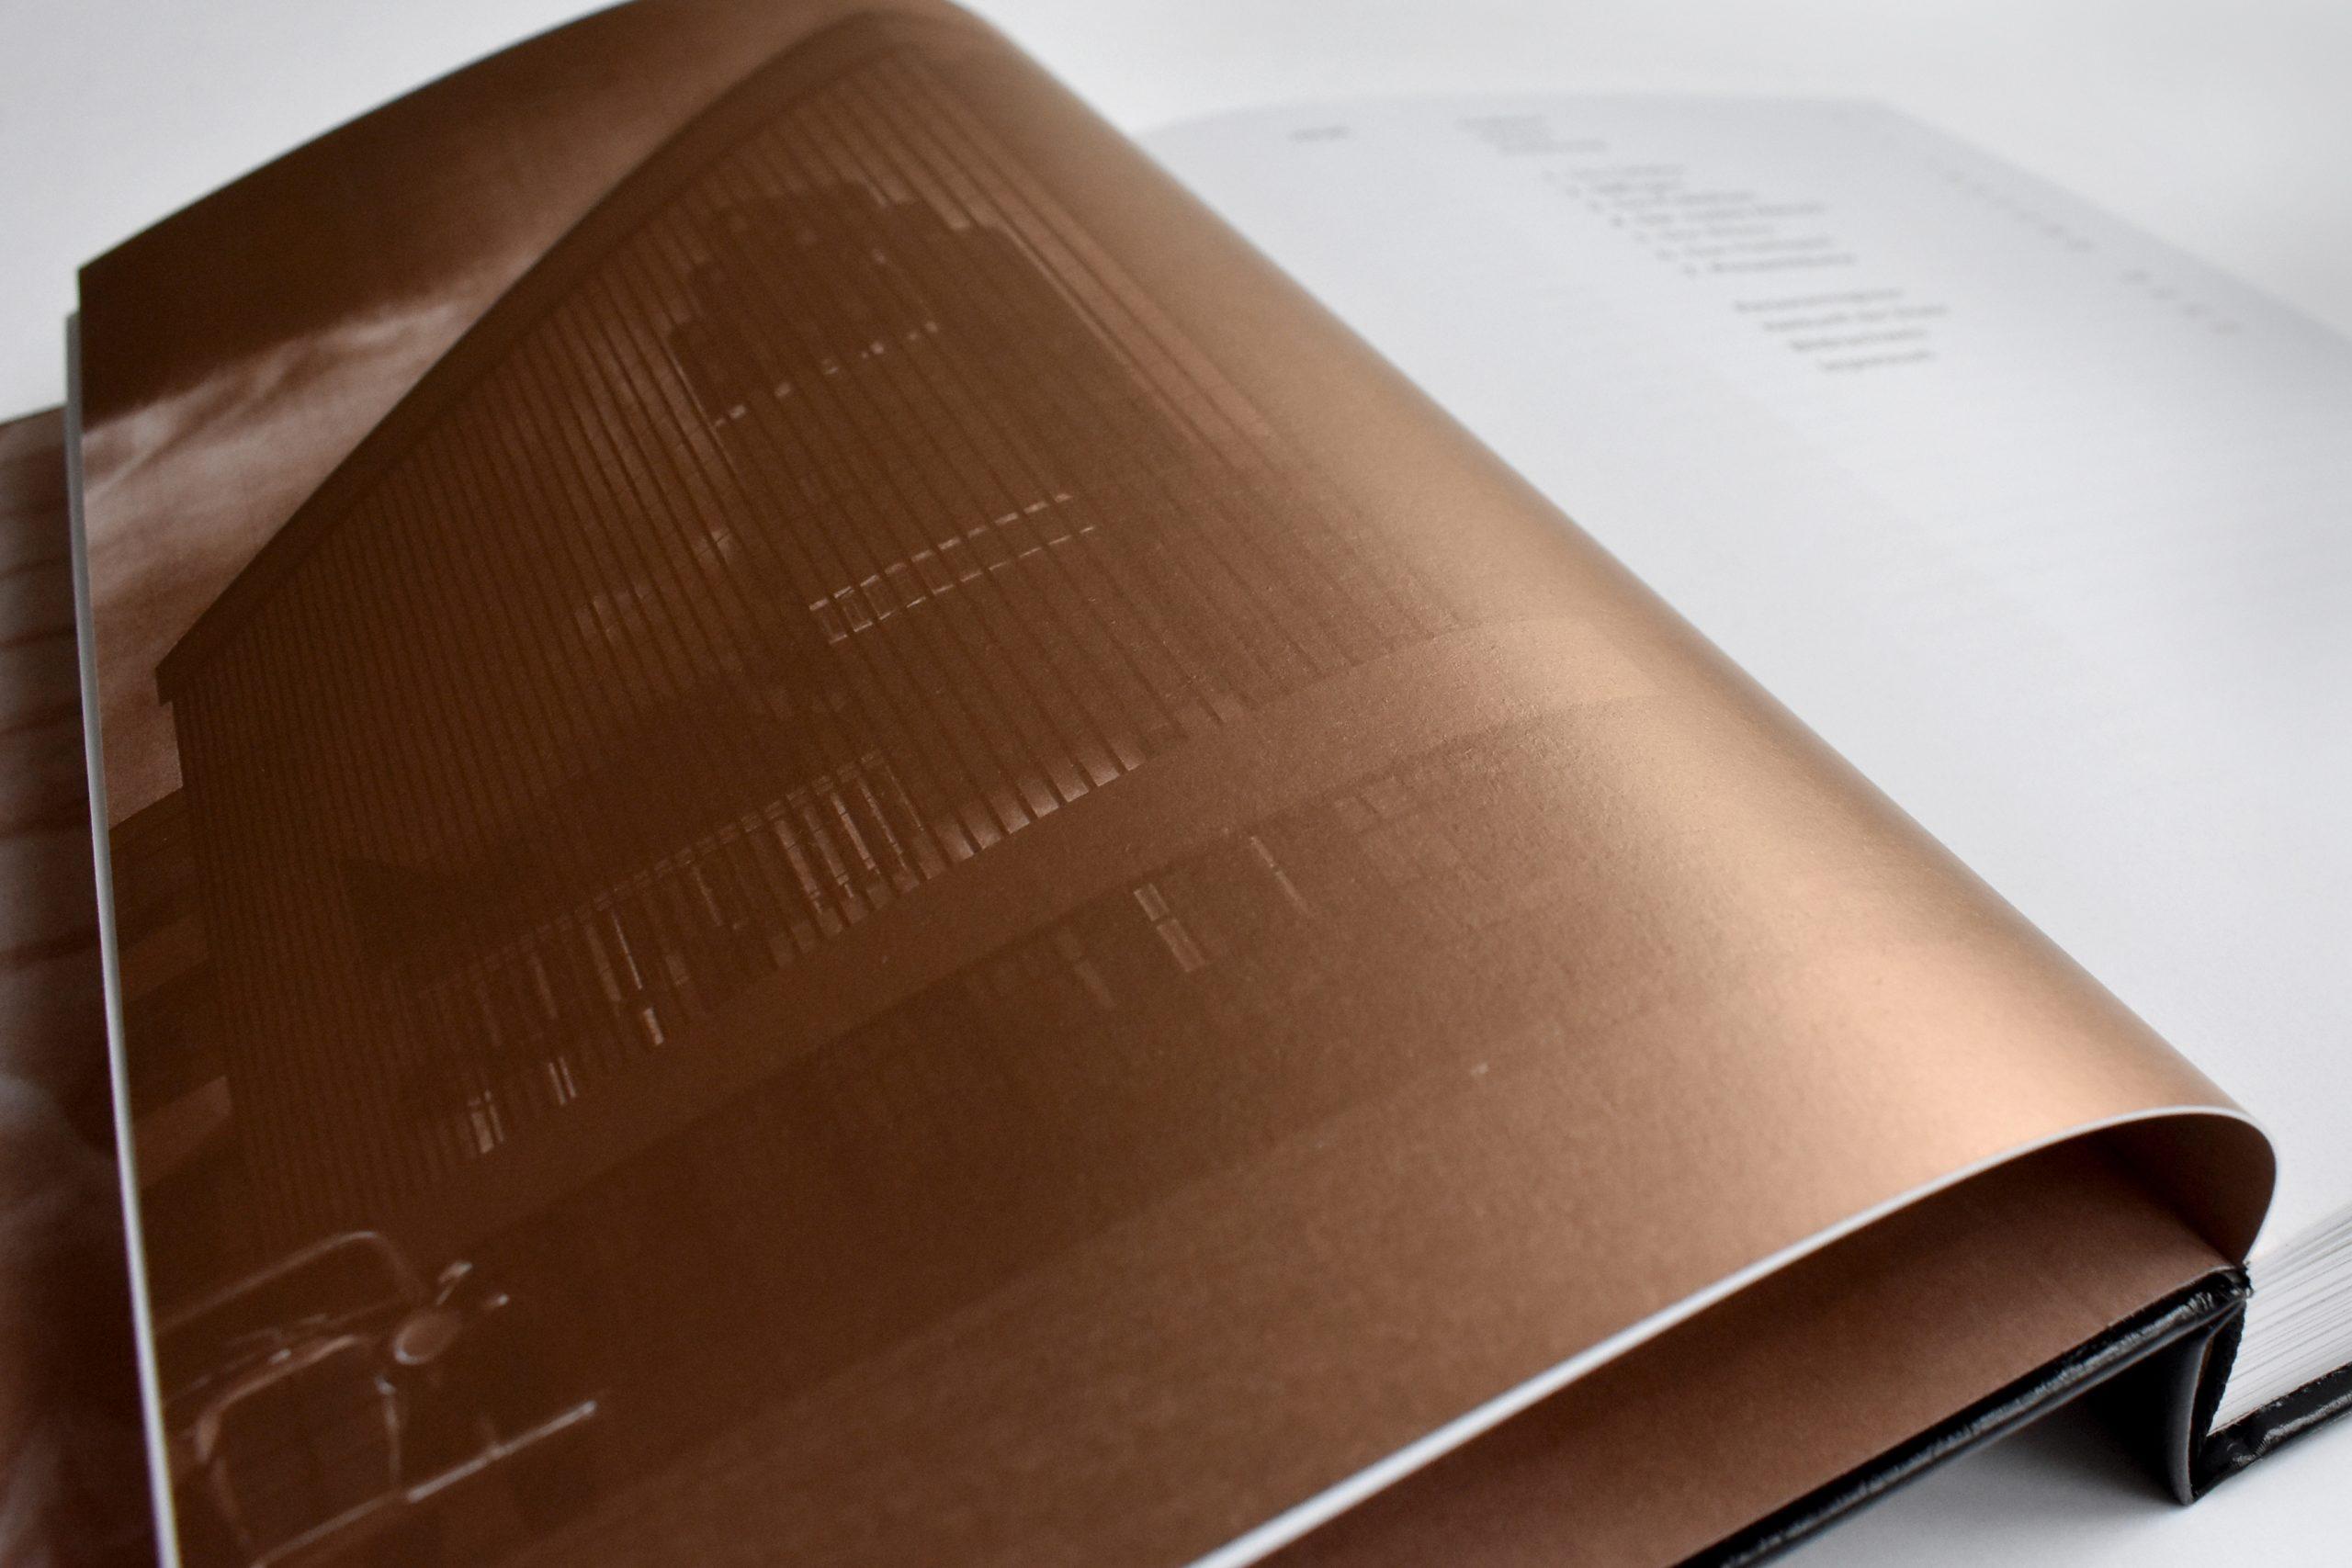 arnoldsche Gestalt und Hinterhalt Theinert Buchholz BeckerRapp Becker Rapp Buch Buchvorstellung Buchpräsentation Gestaltung Darmstadt Mathildenhöhe Spiegel Bauhaus